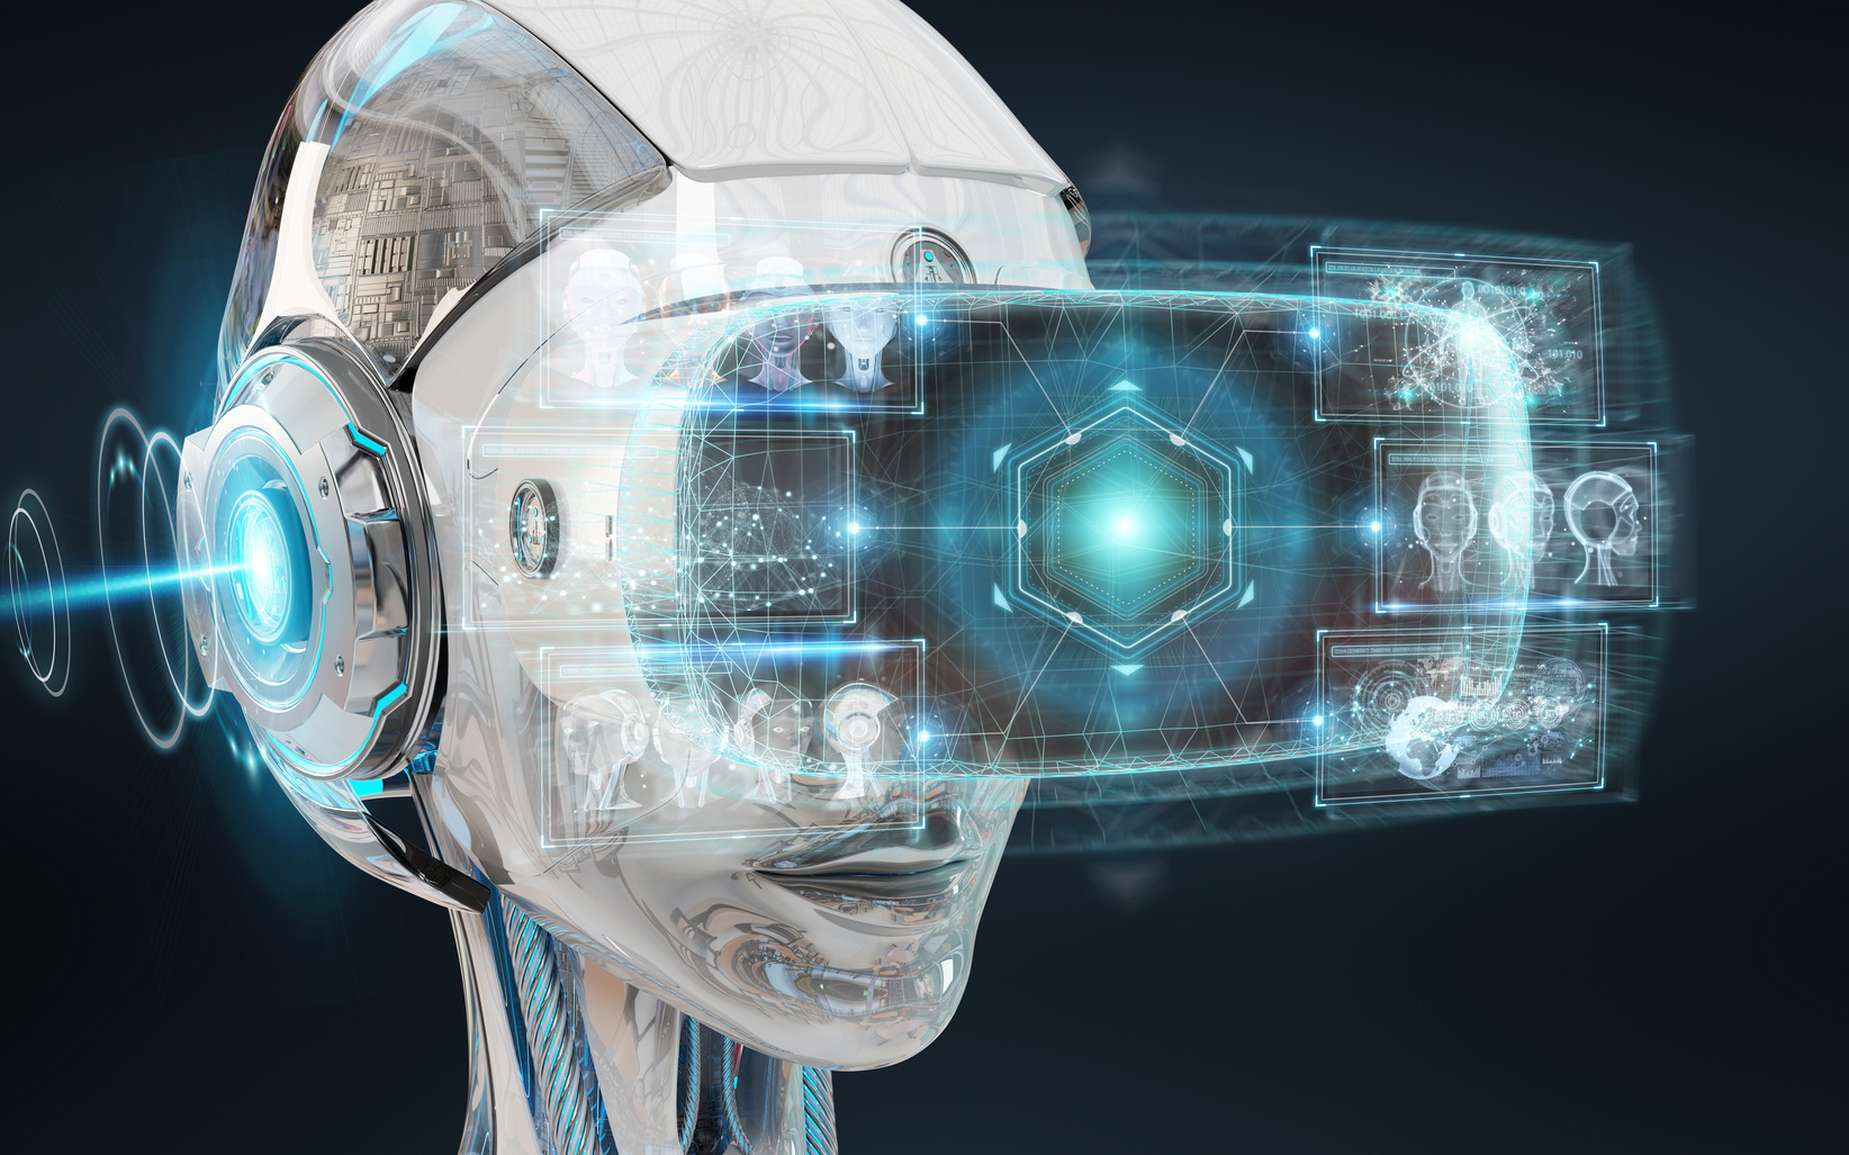 L'IA de Google DeepMind a surpassé des joueurs professionnels pour s'orienter dans un jeu vidéo en réalité virtuelle. © Sdecoret, Fotolia